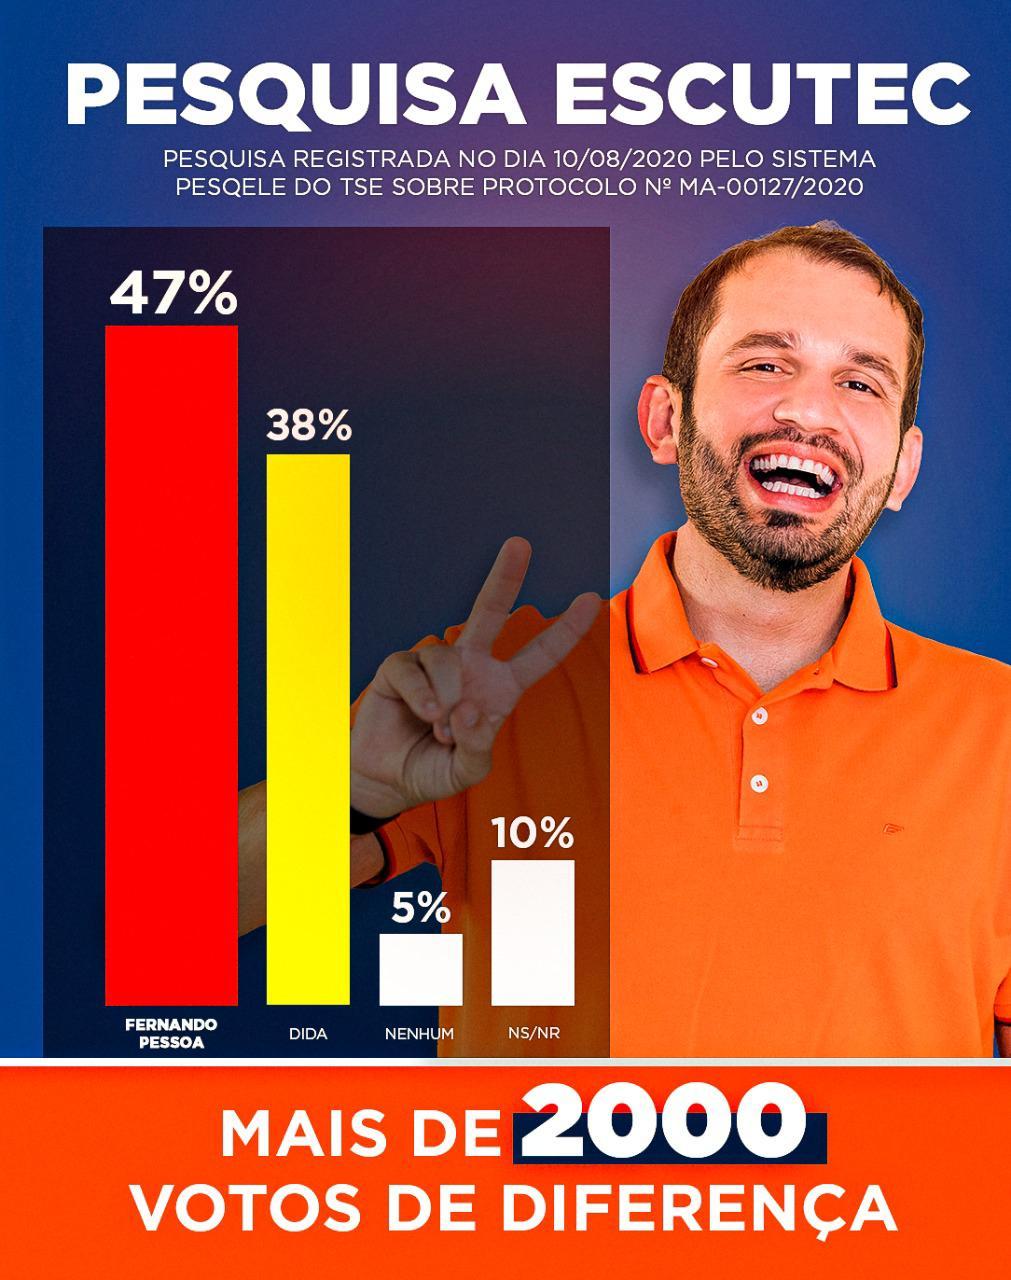 ELEIÇÕES 2020: Pesquisa com registro na Justiça Eleitoral mostra Fernando Pessoa liderando em Tuntum para prefeito